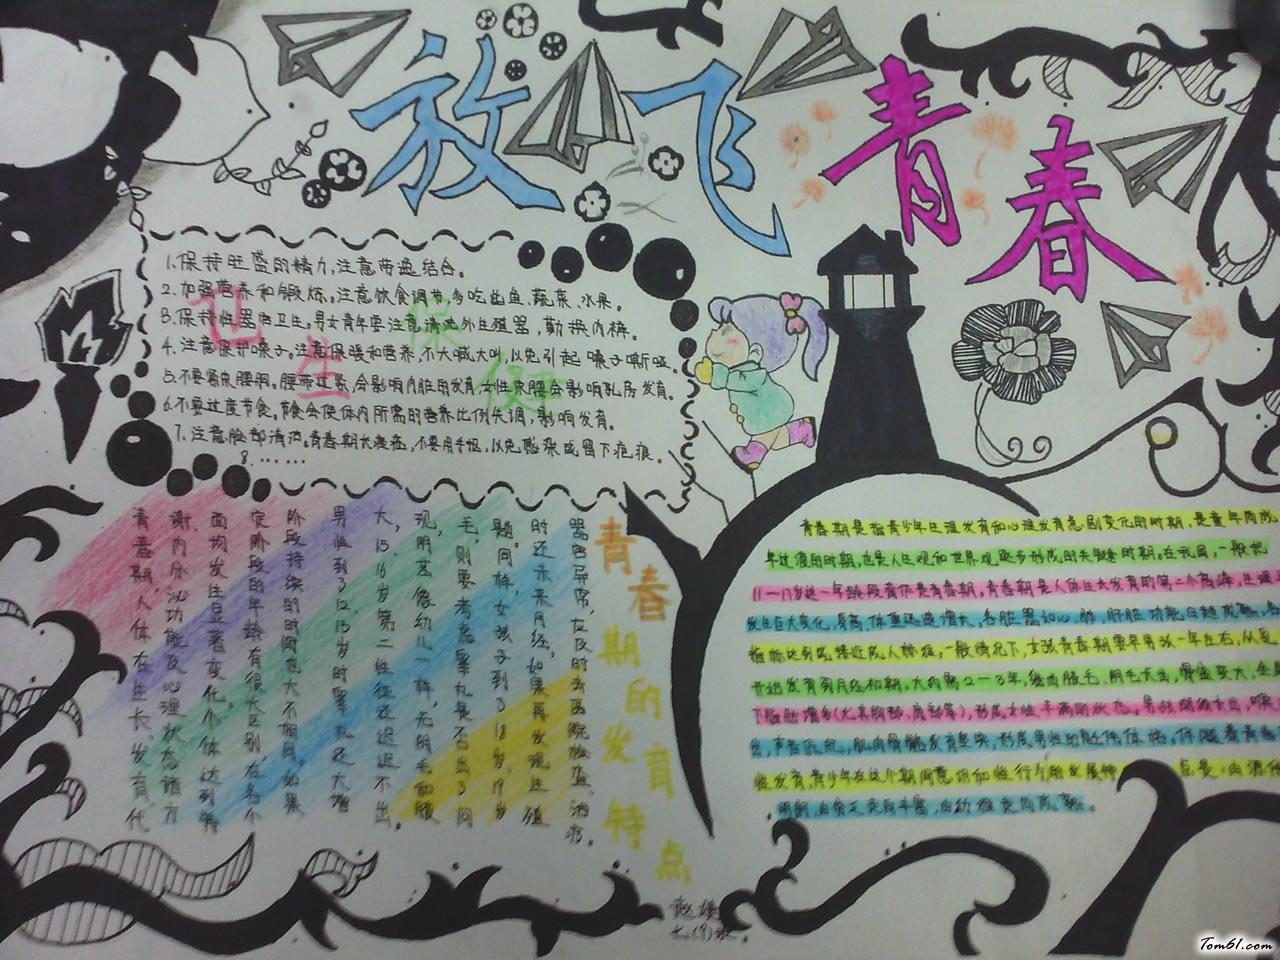 青春理想主题手抄报版面设计图图片